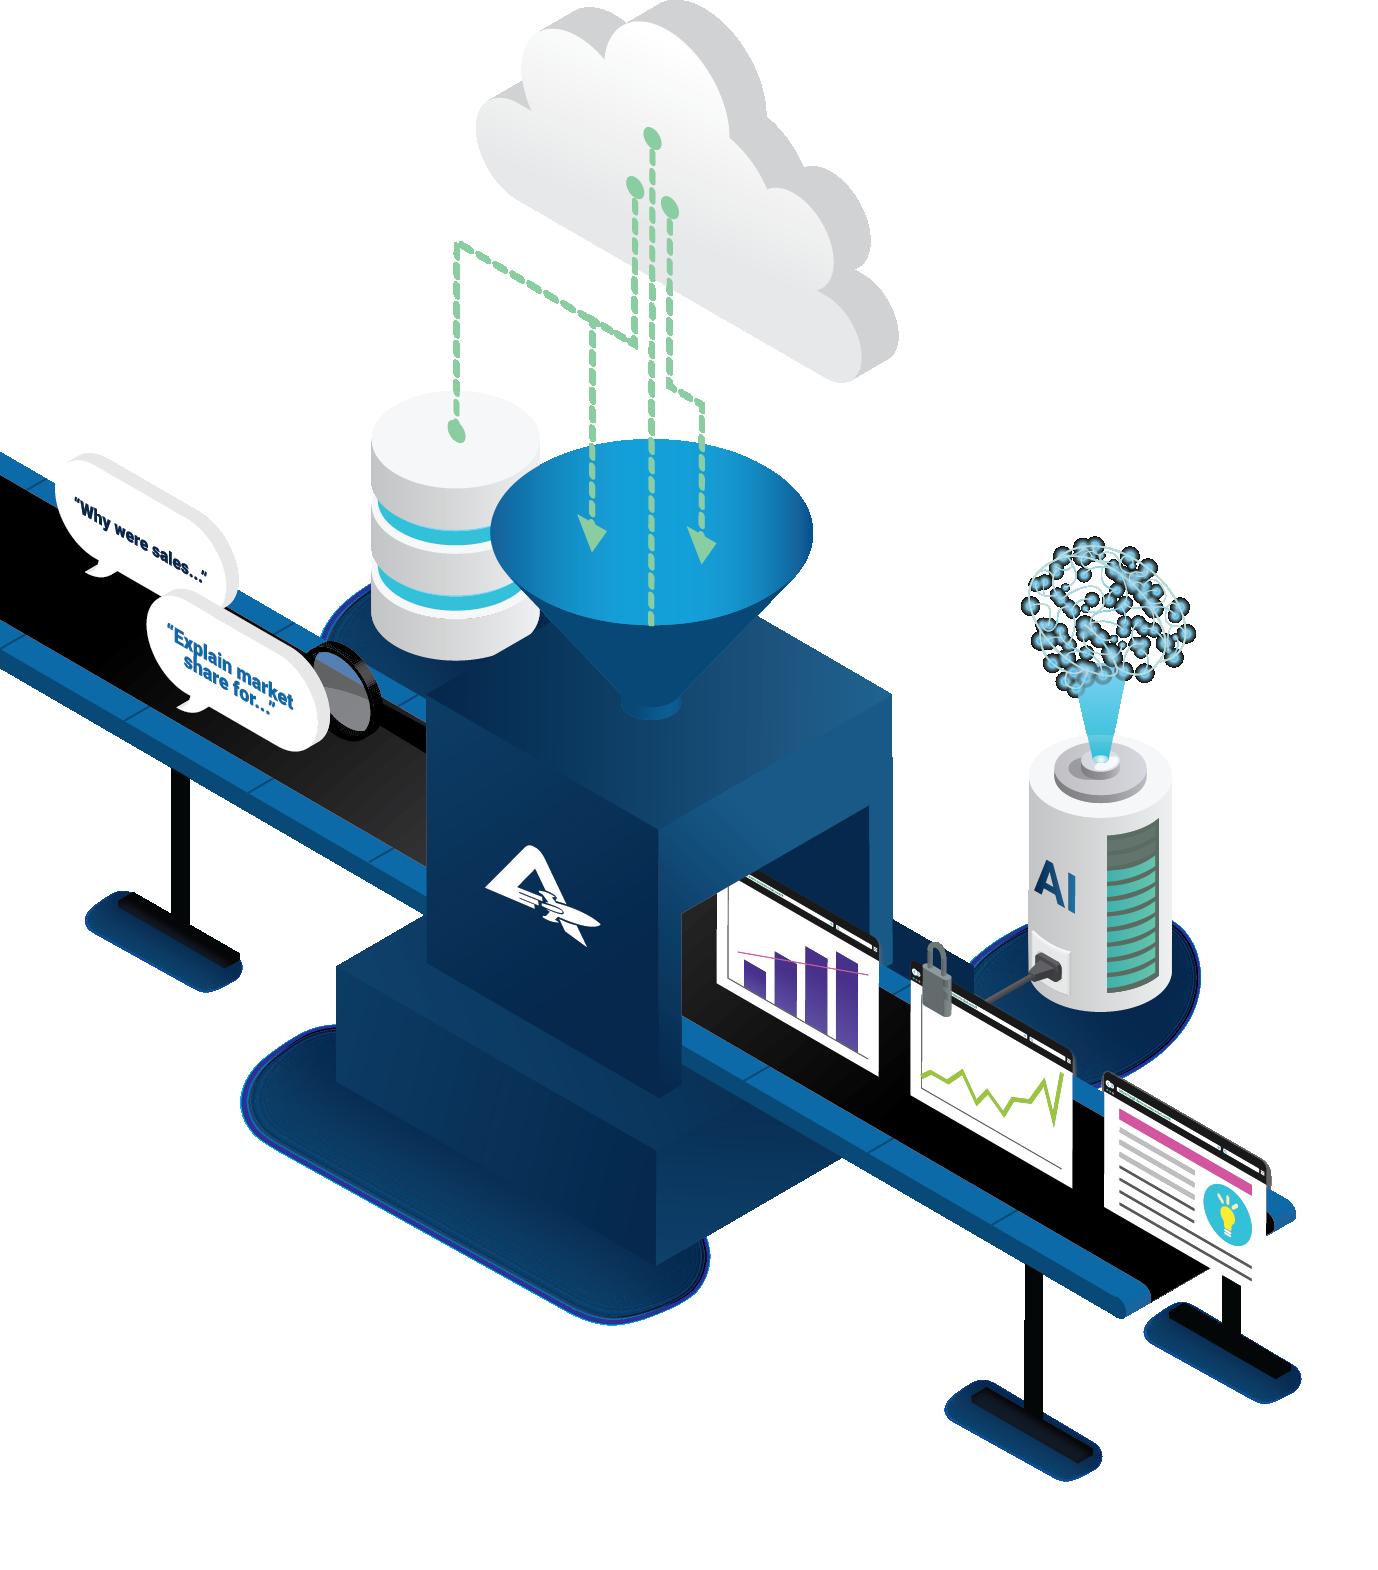 AI Analytics Flow Diagram